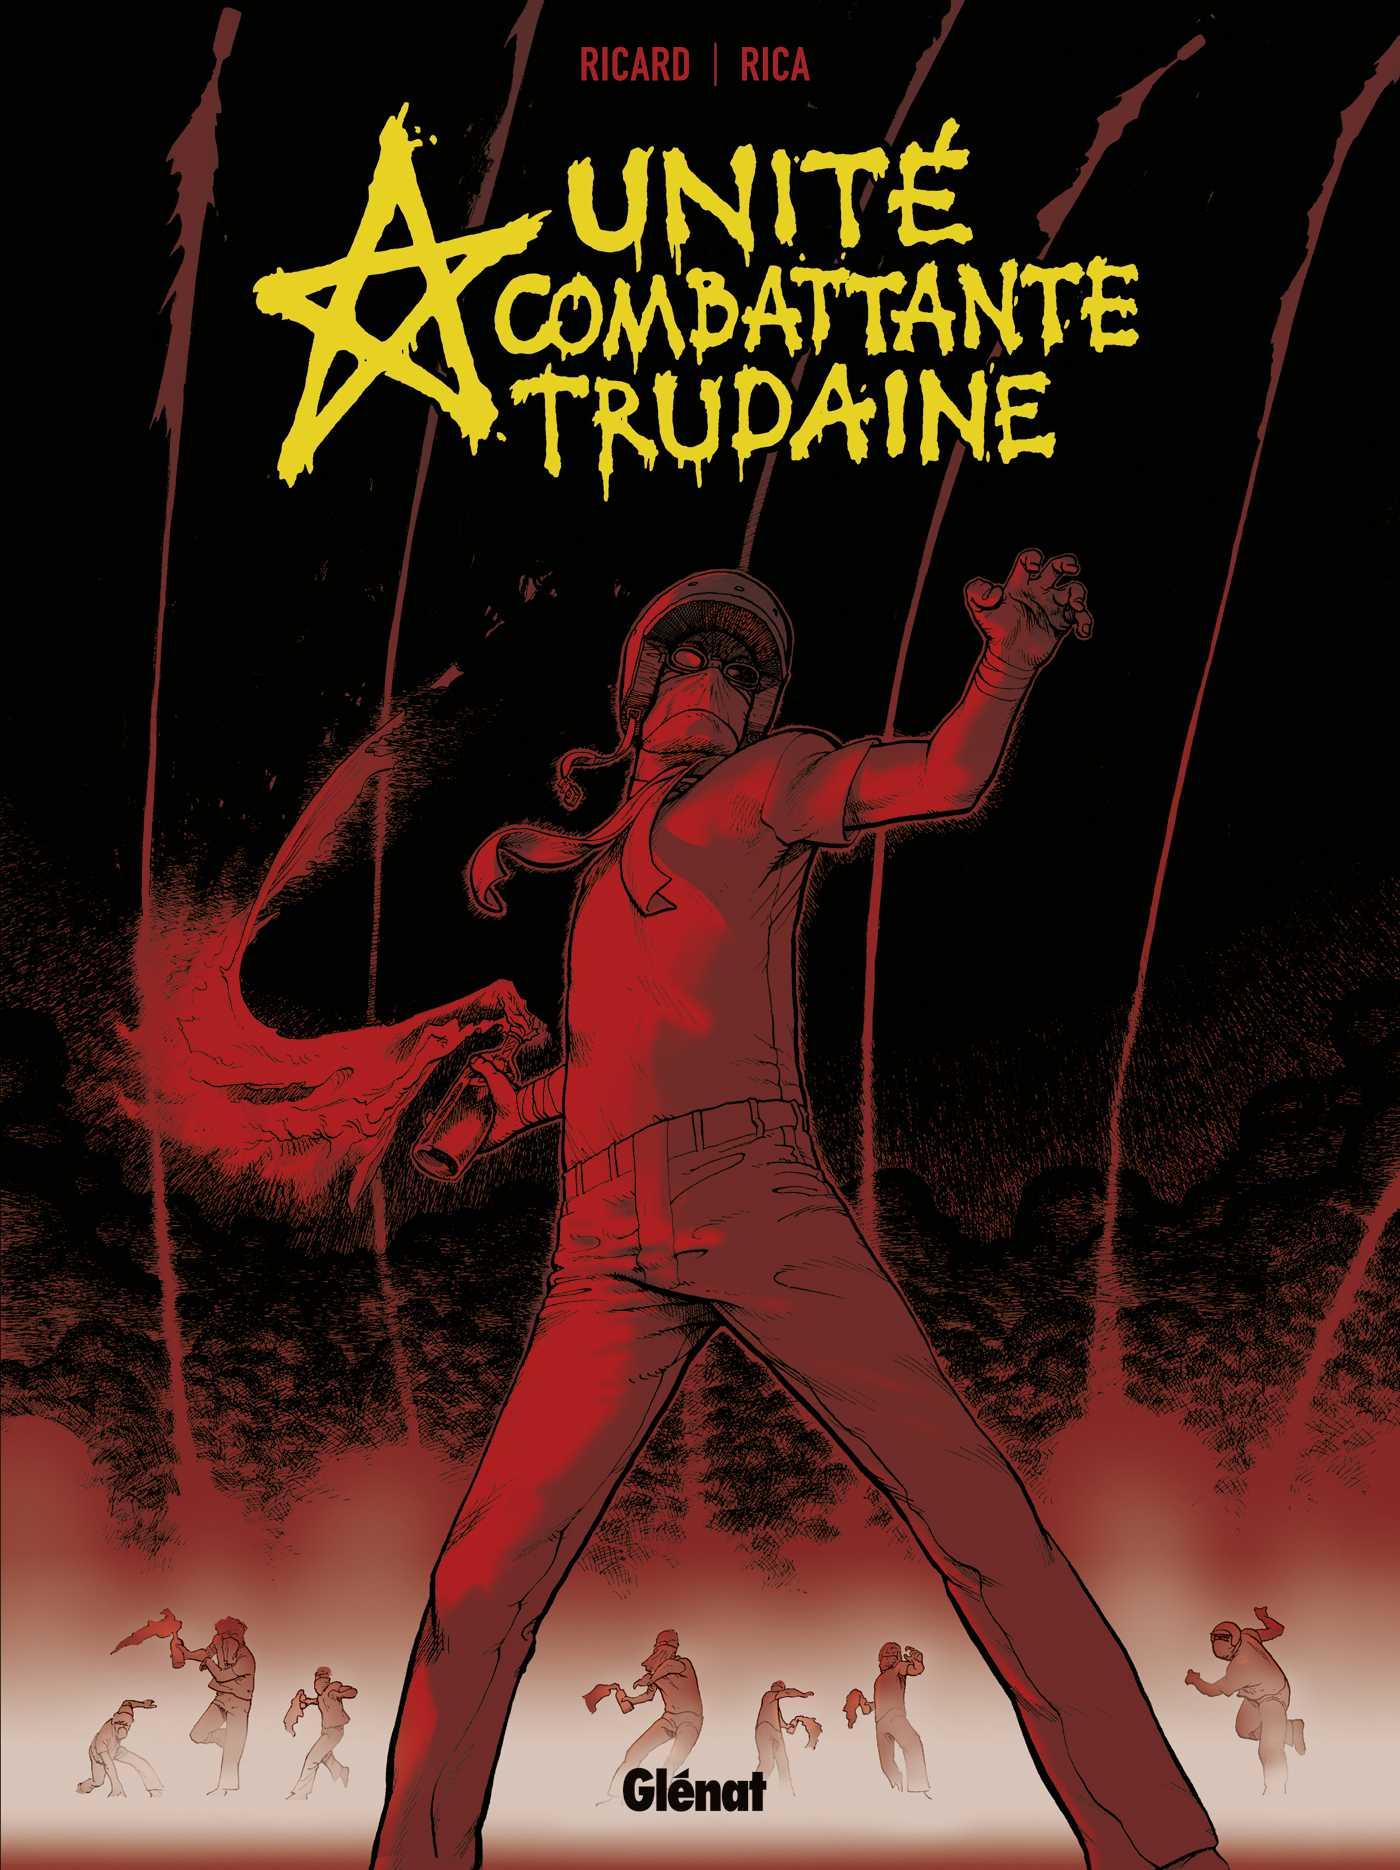 Unité combattante Trudaine, les années noires du terrorisme à la française